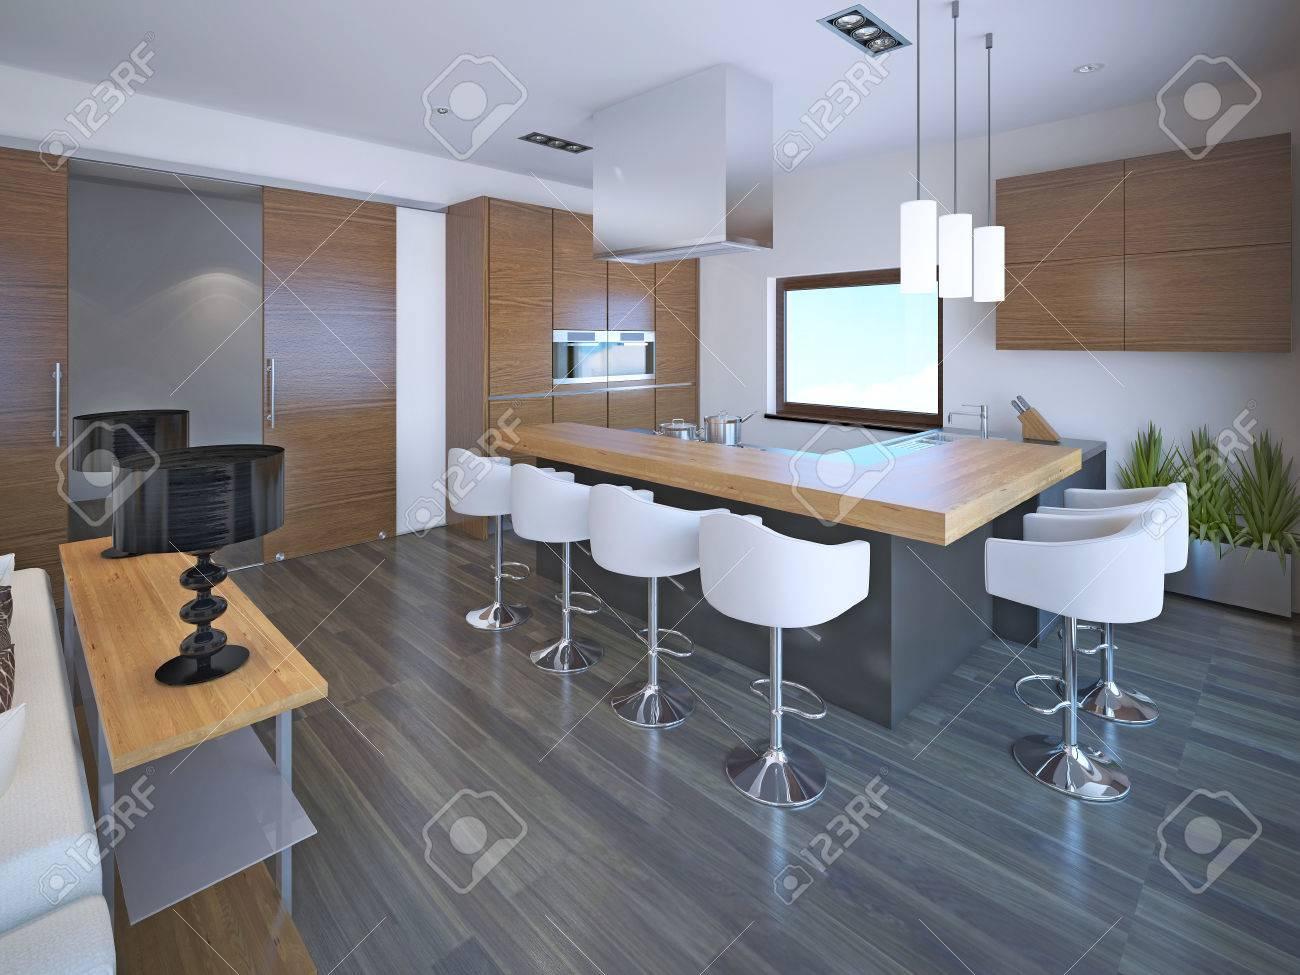 Diseño De La Cocina De Luz En Forma De L En Estilo OntoArt. Juego De ...